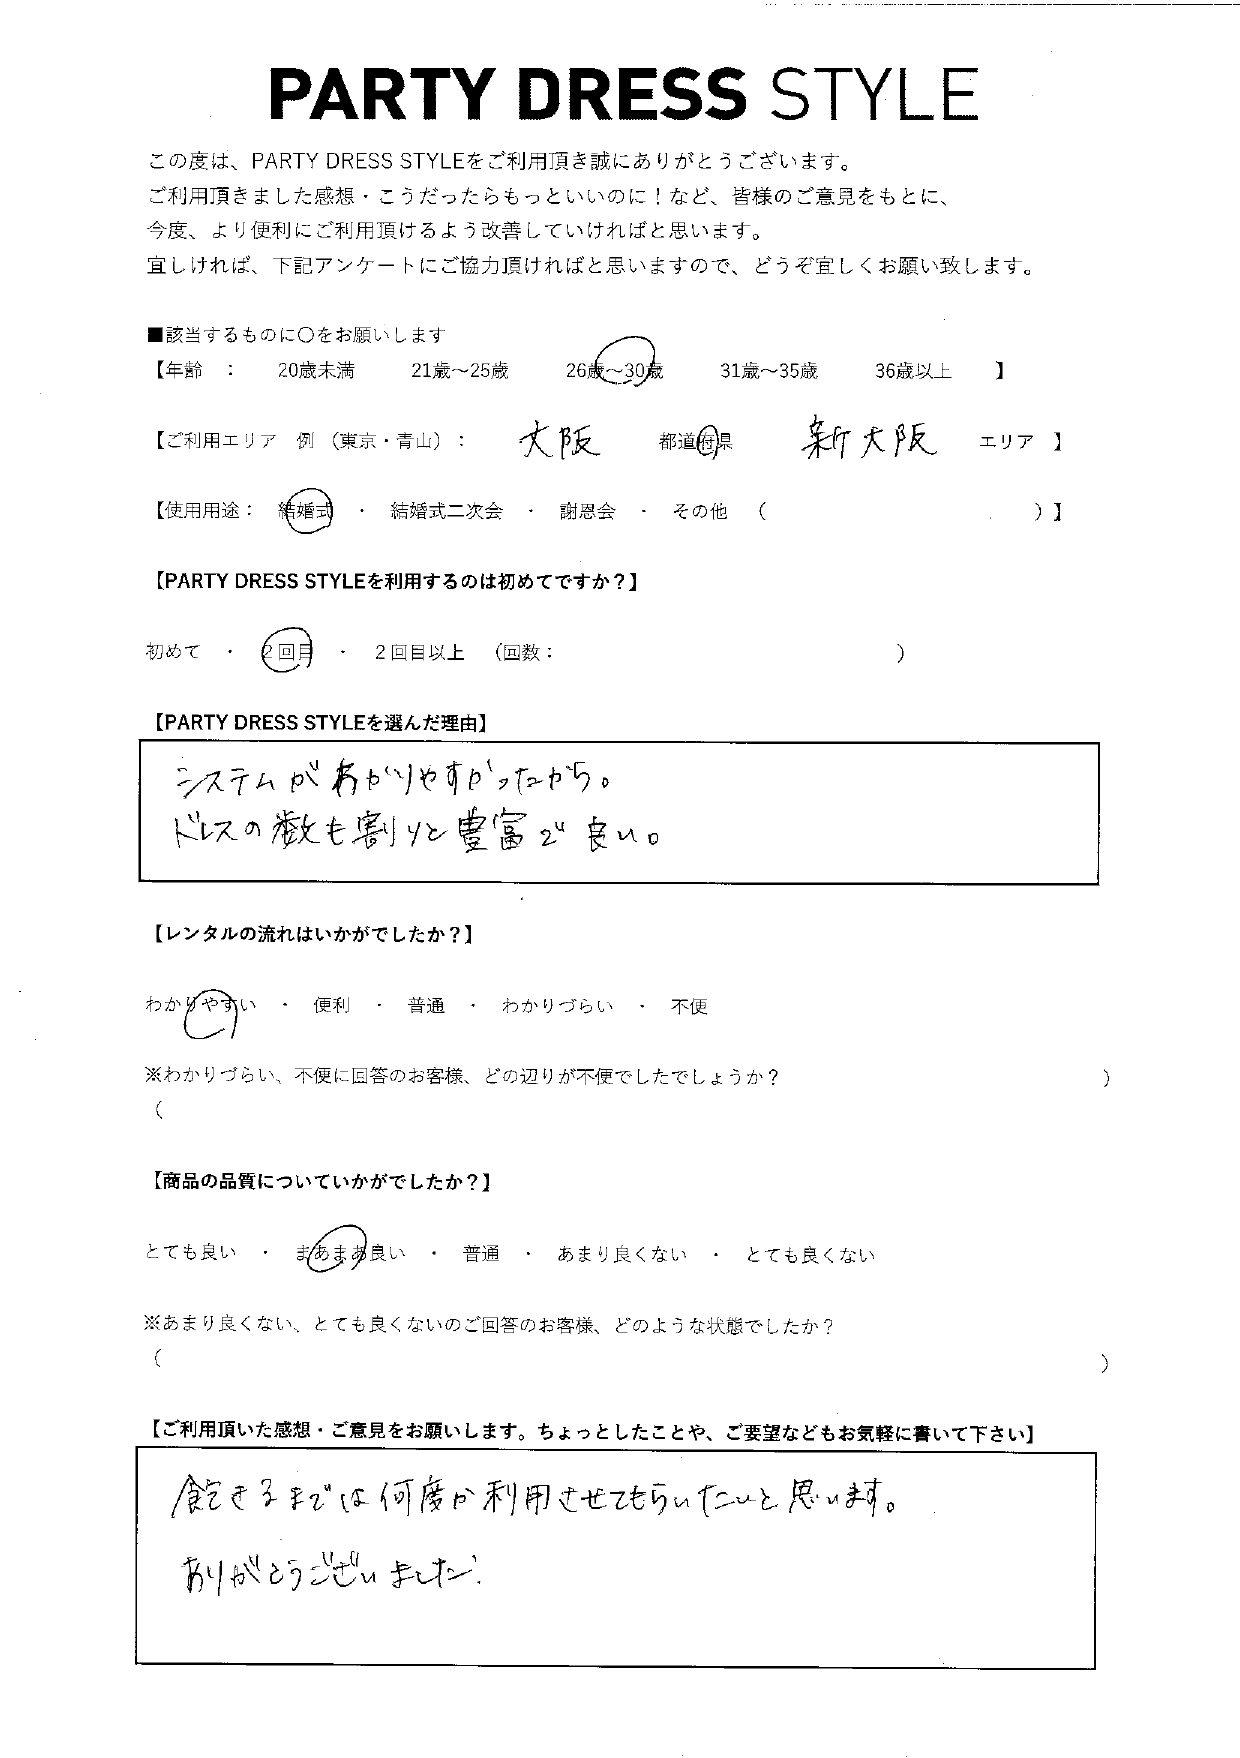 7/24結婚式ご利用 大阪・新大阪エリア